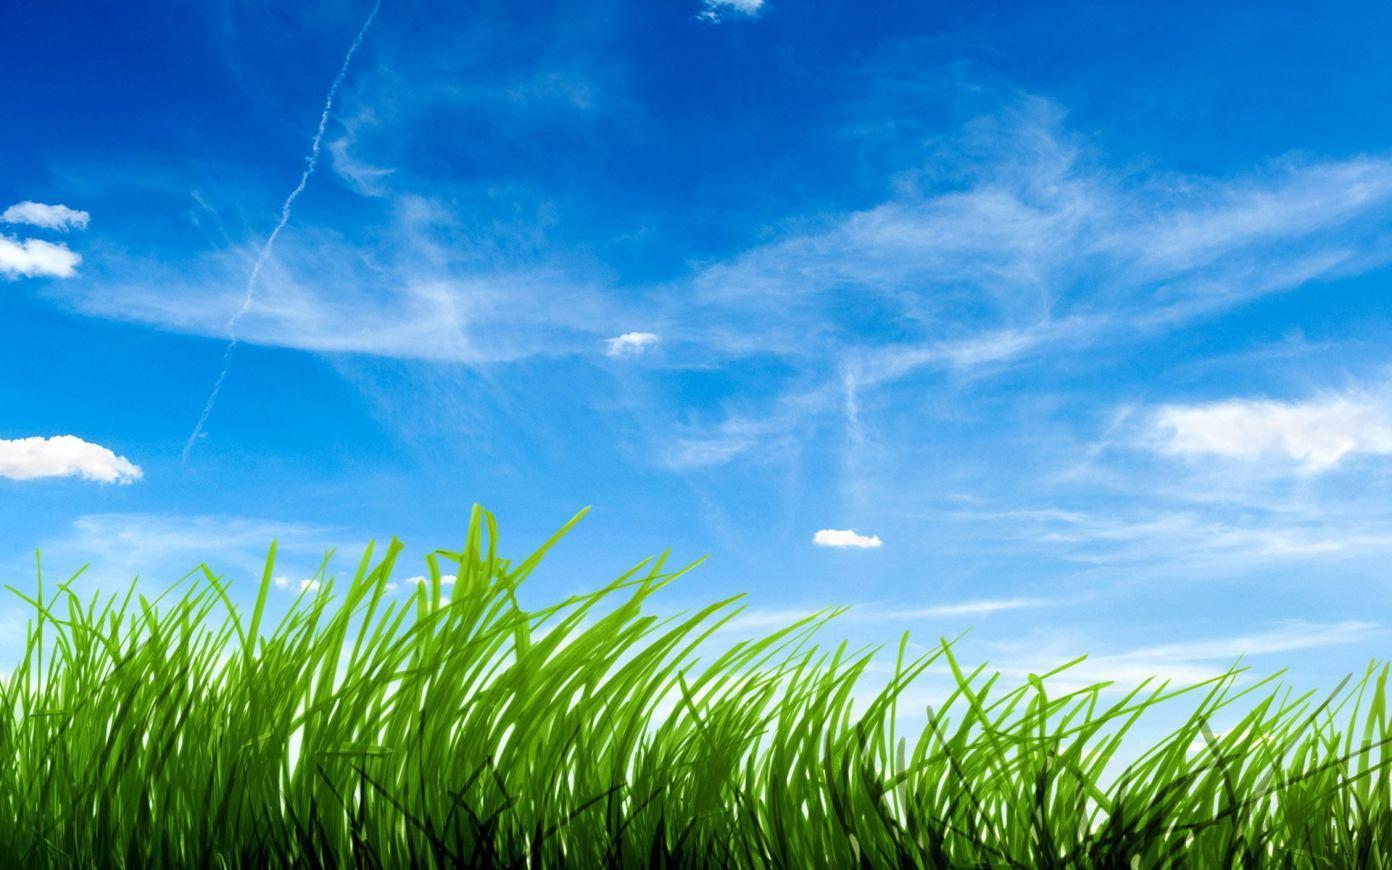 Senandung Rumput Yang bergoyang